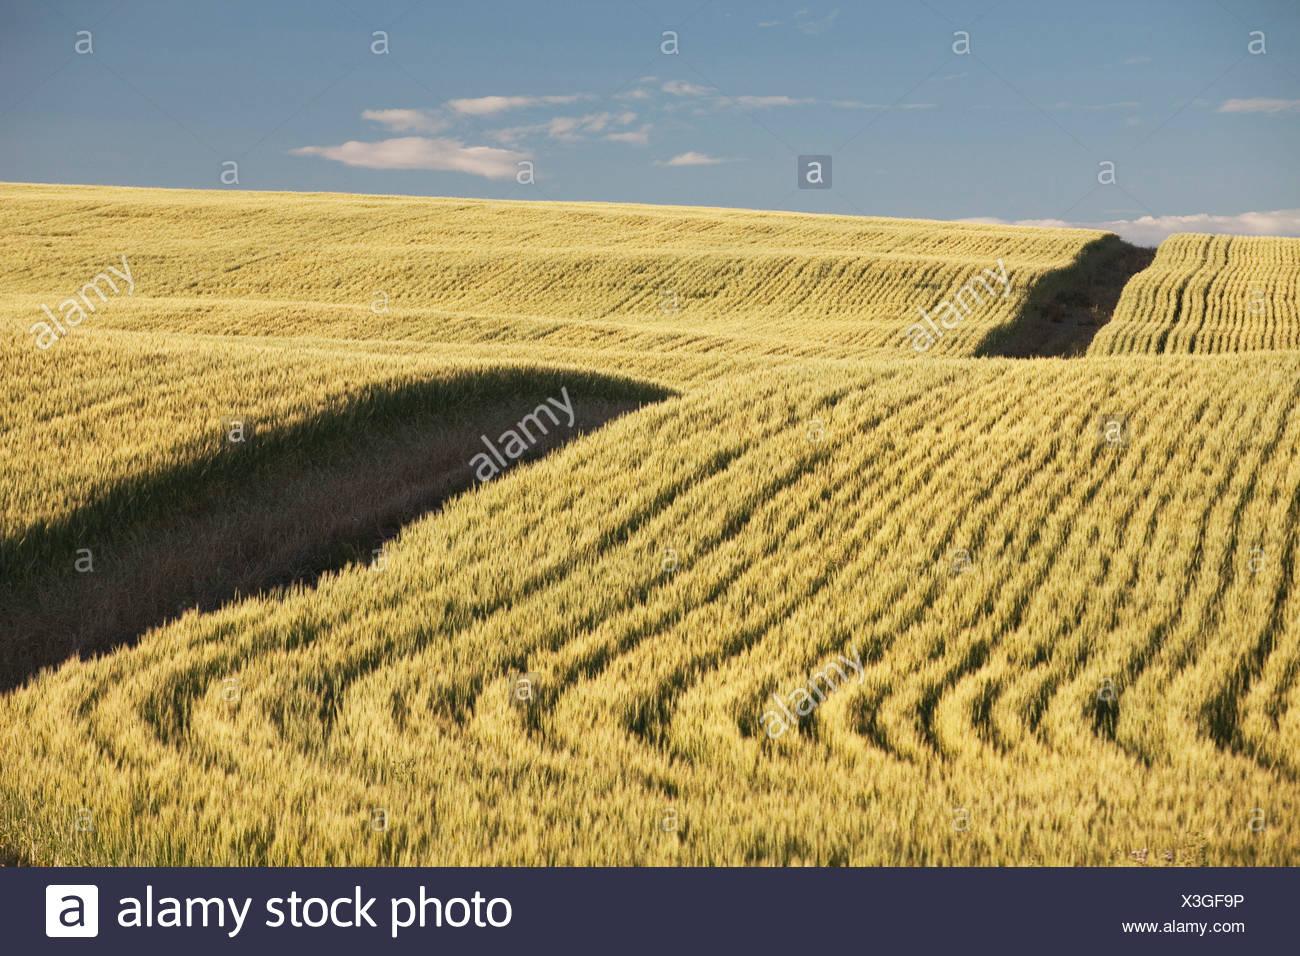 Green Campo di grano, Central Alberta, Canada Immagini Stock